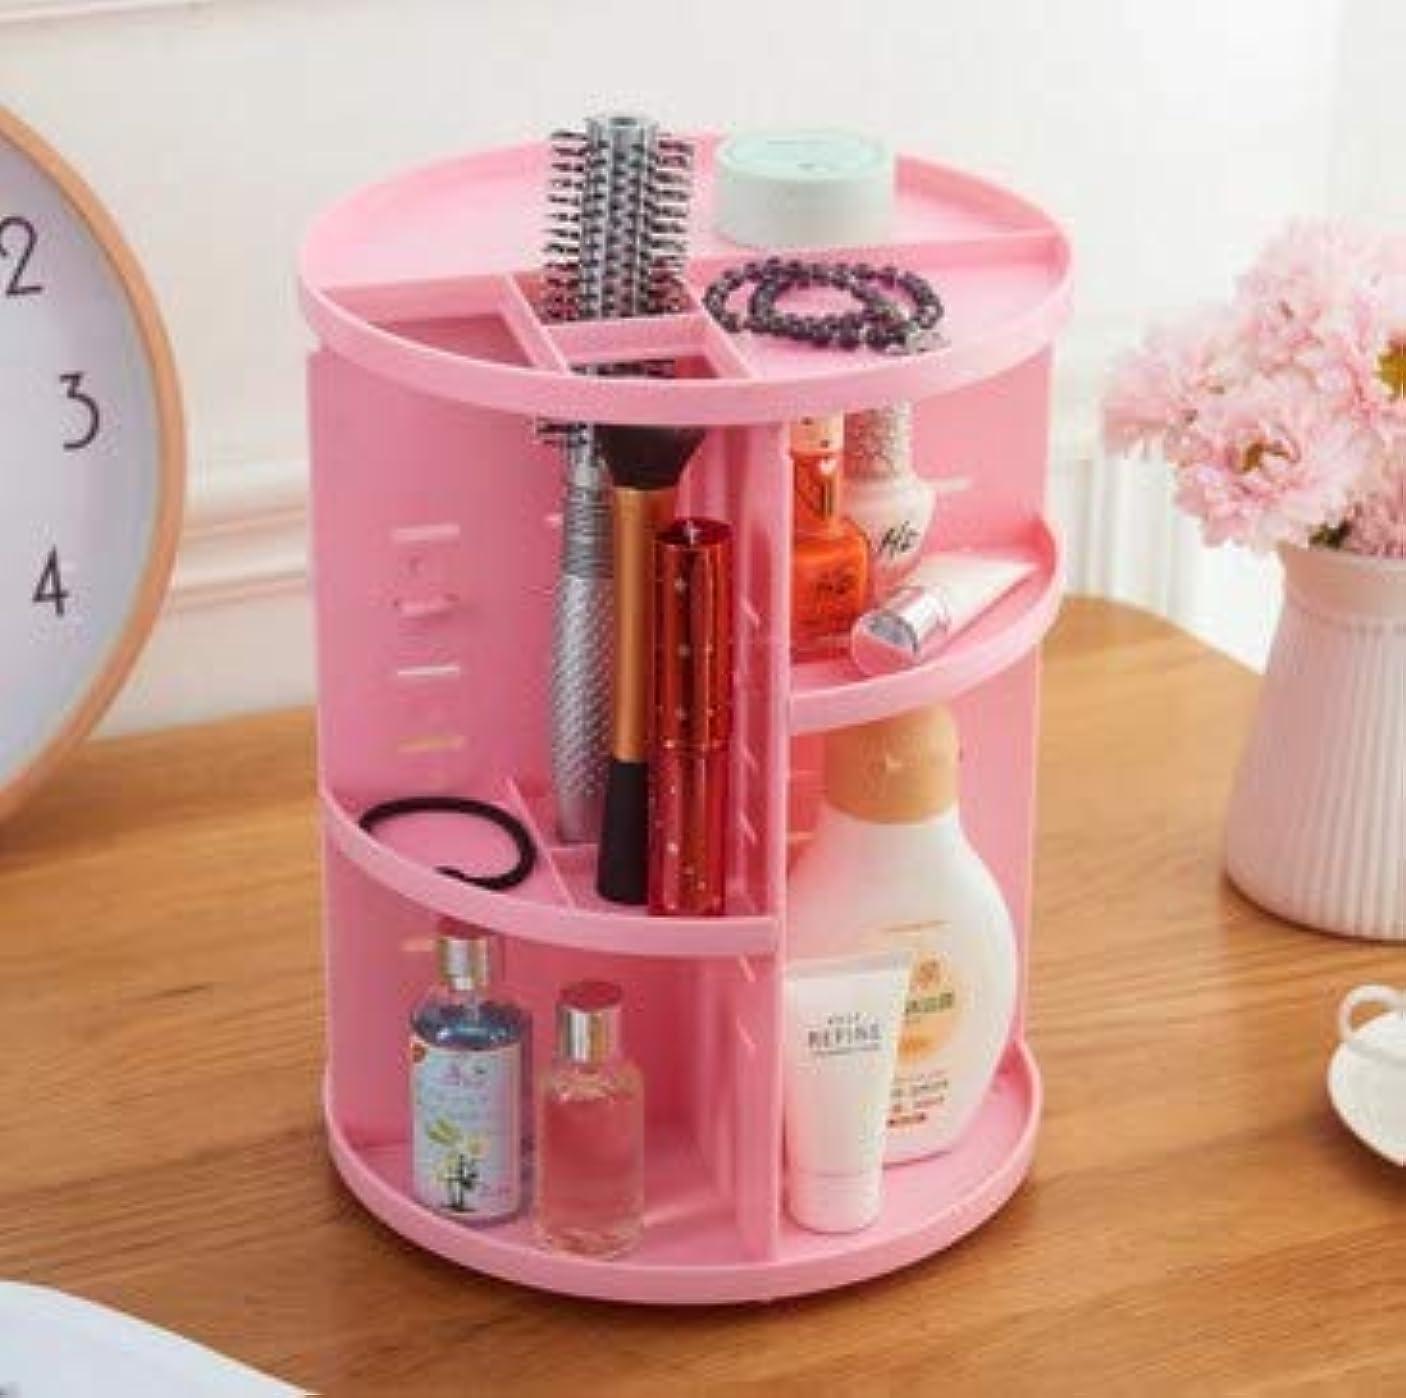 完璧バンド陰気デスクトップロータリー収納ボックス多機能プラスチックバスルーム仕上げボックス化粧品収納ボックス (Color : ピンク)